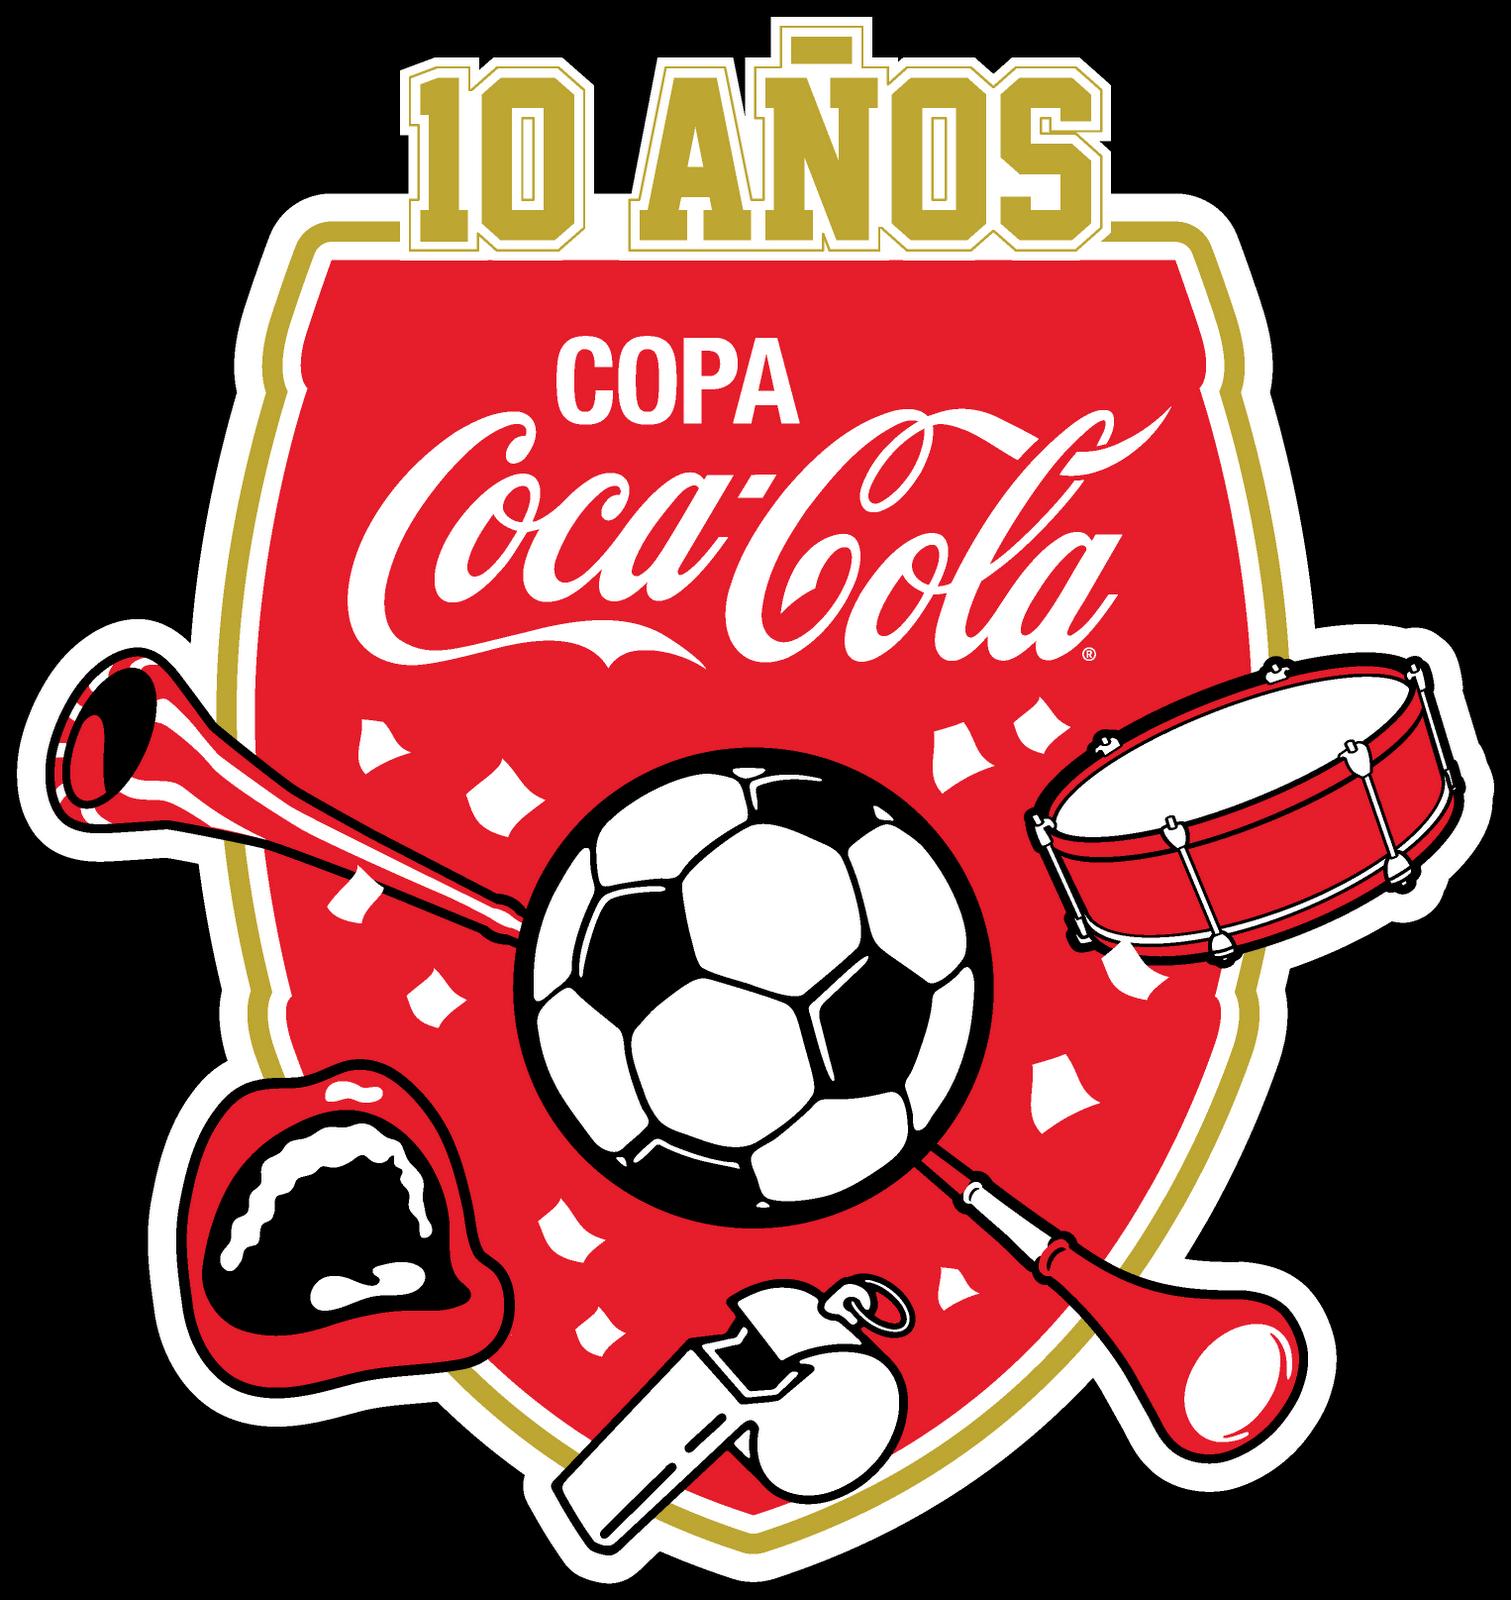 copa uruguaya coca cola La gran Copa Coca Cola